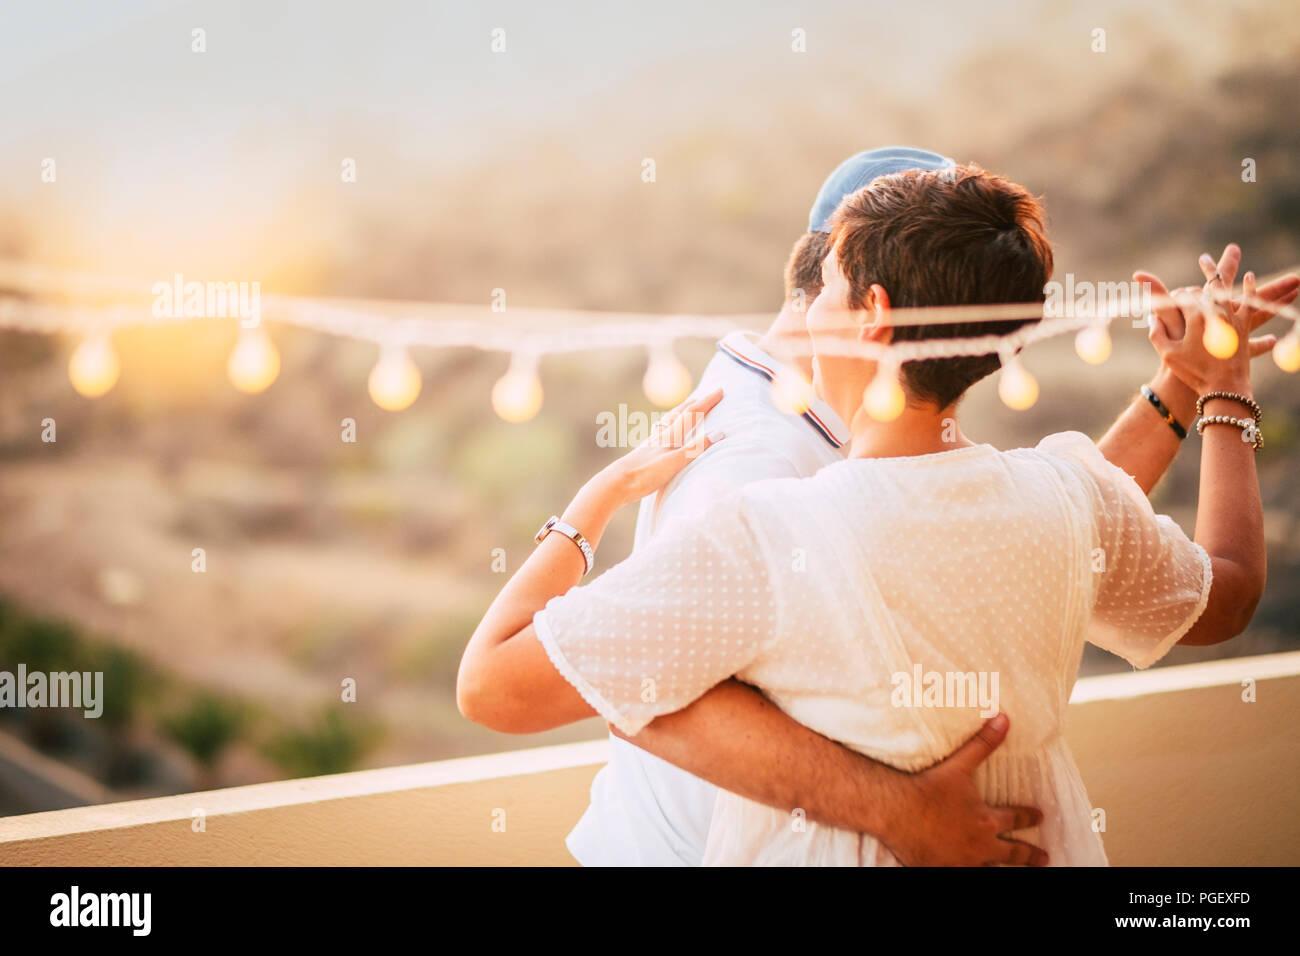 Beautiful couple dansant sur la terrasse sur le toit avec vue naturelle. L'amour et concept de rencontres pour les personnes ayant une activité de loisirs romantique avec l Photo Stock